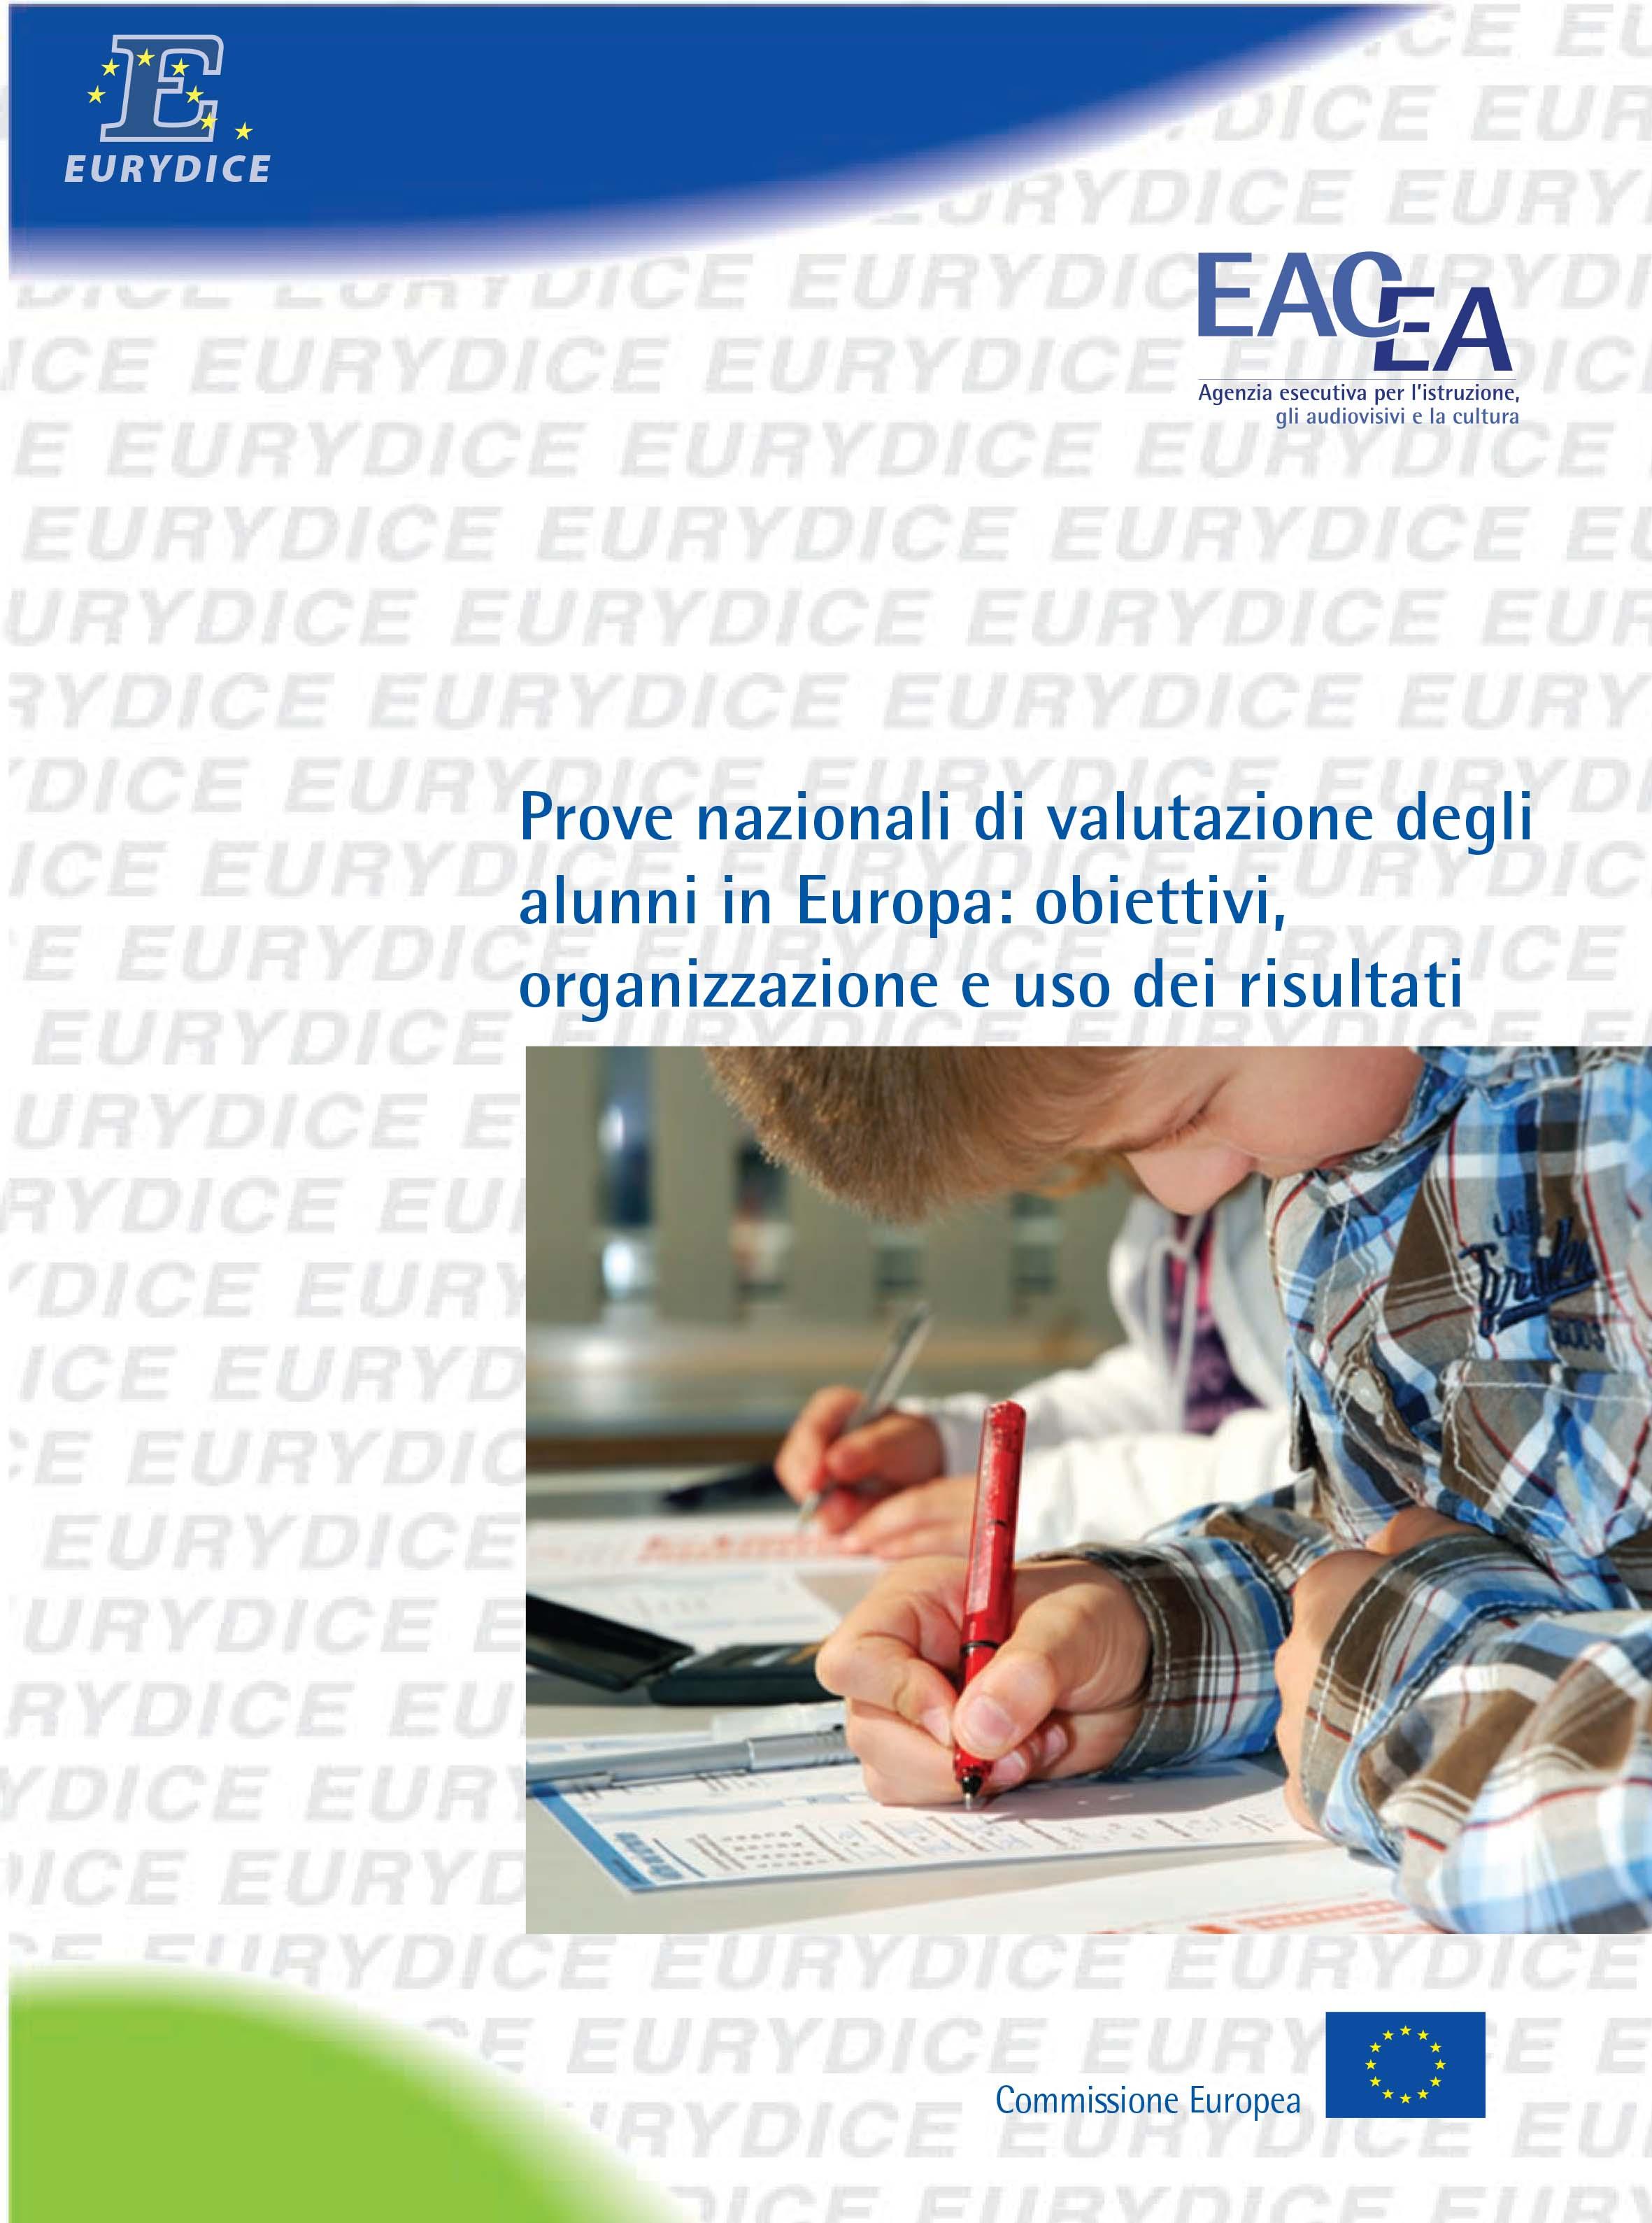 Prove nazionali di valutazione degli alunni in Europa: obiettivi